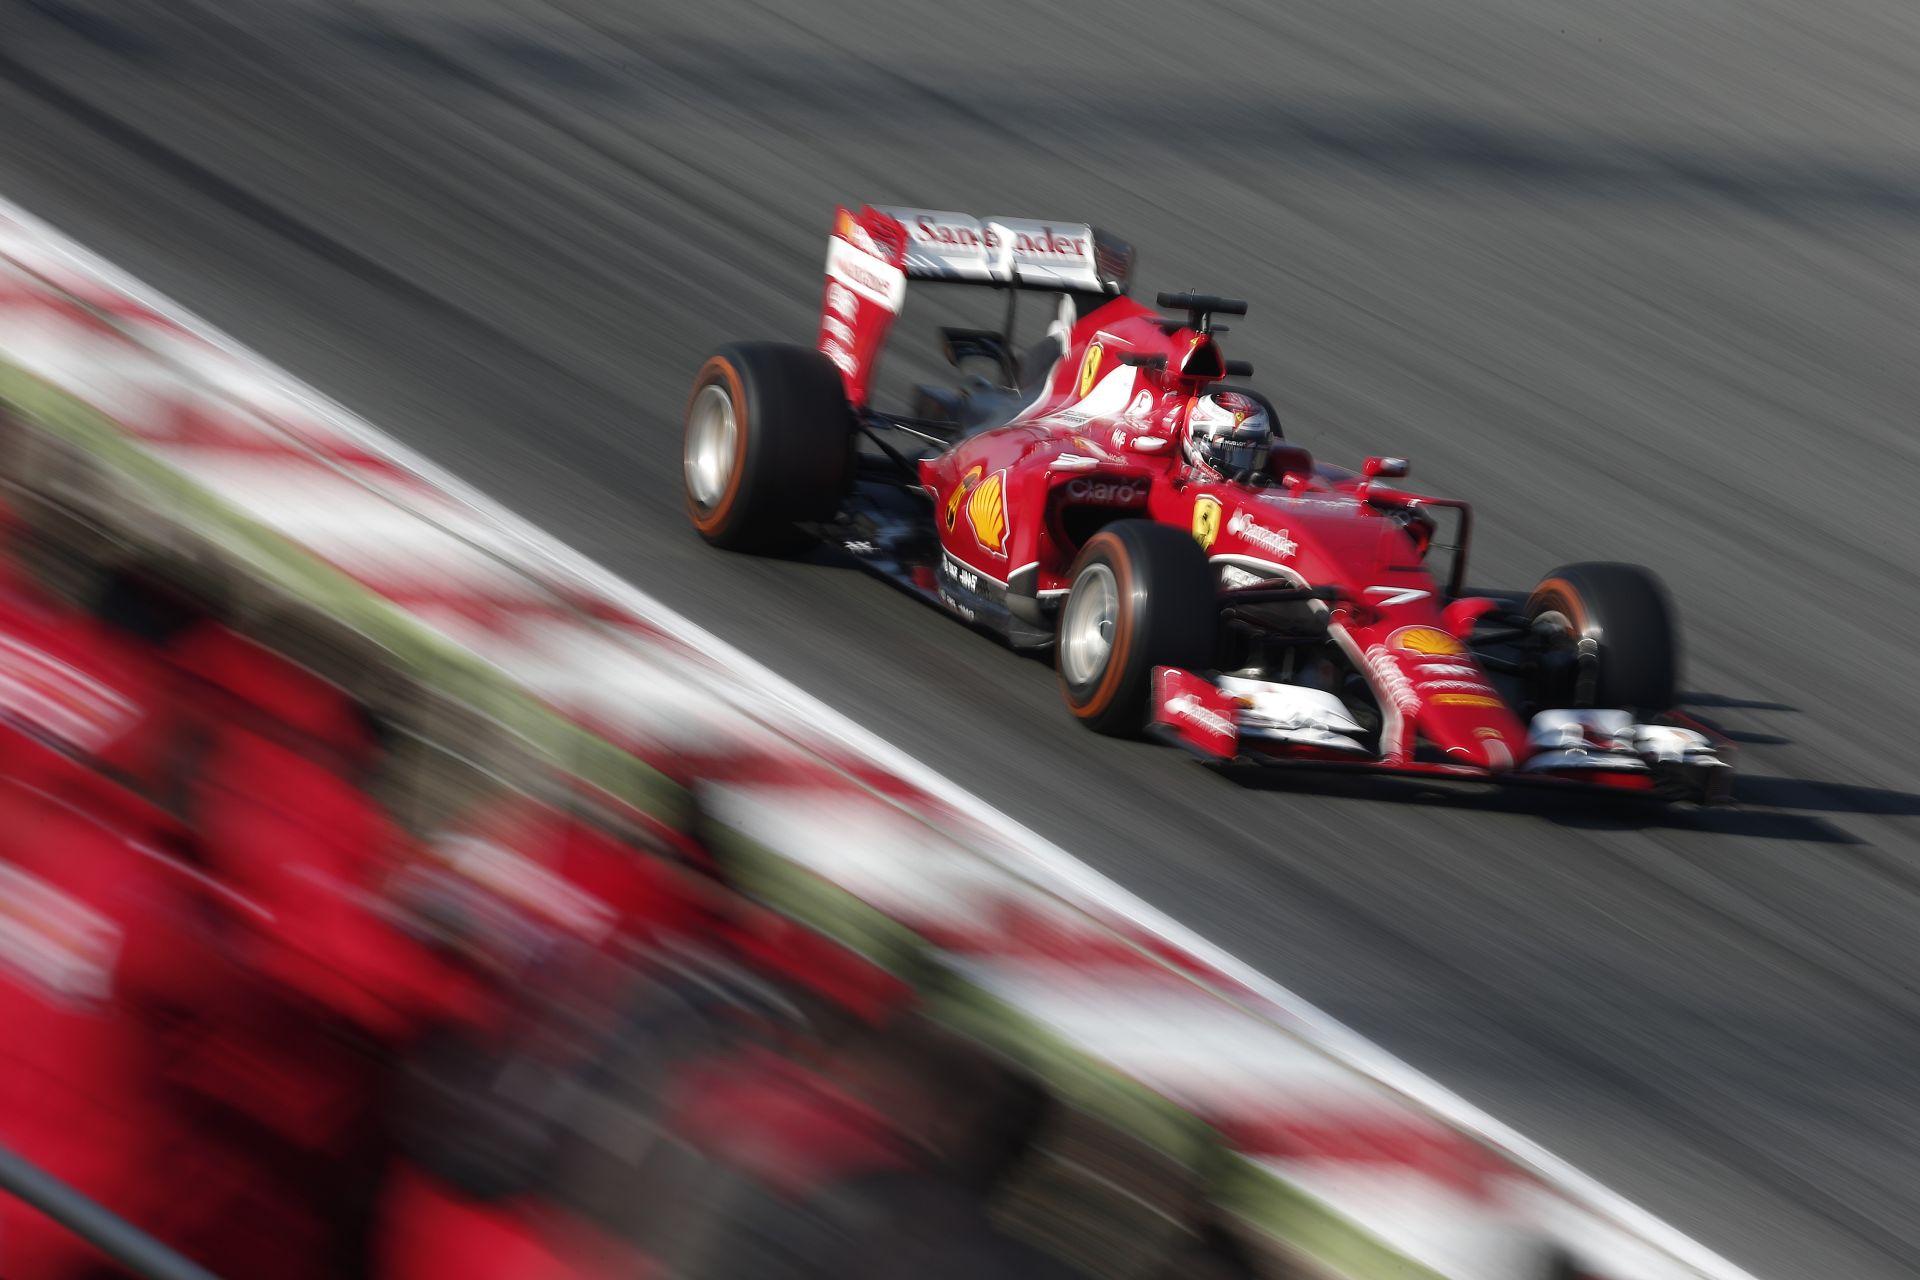 A Ferrari csapatfőnöke: Az idők most nem számítanak, de a csapat annál inkább